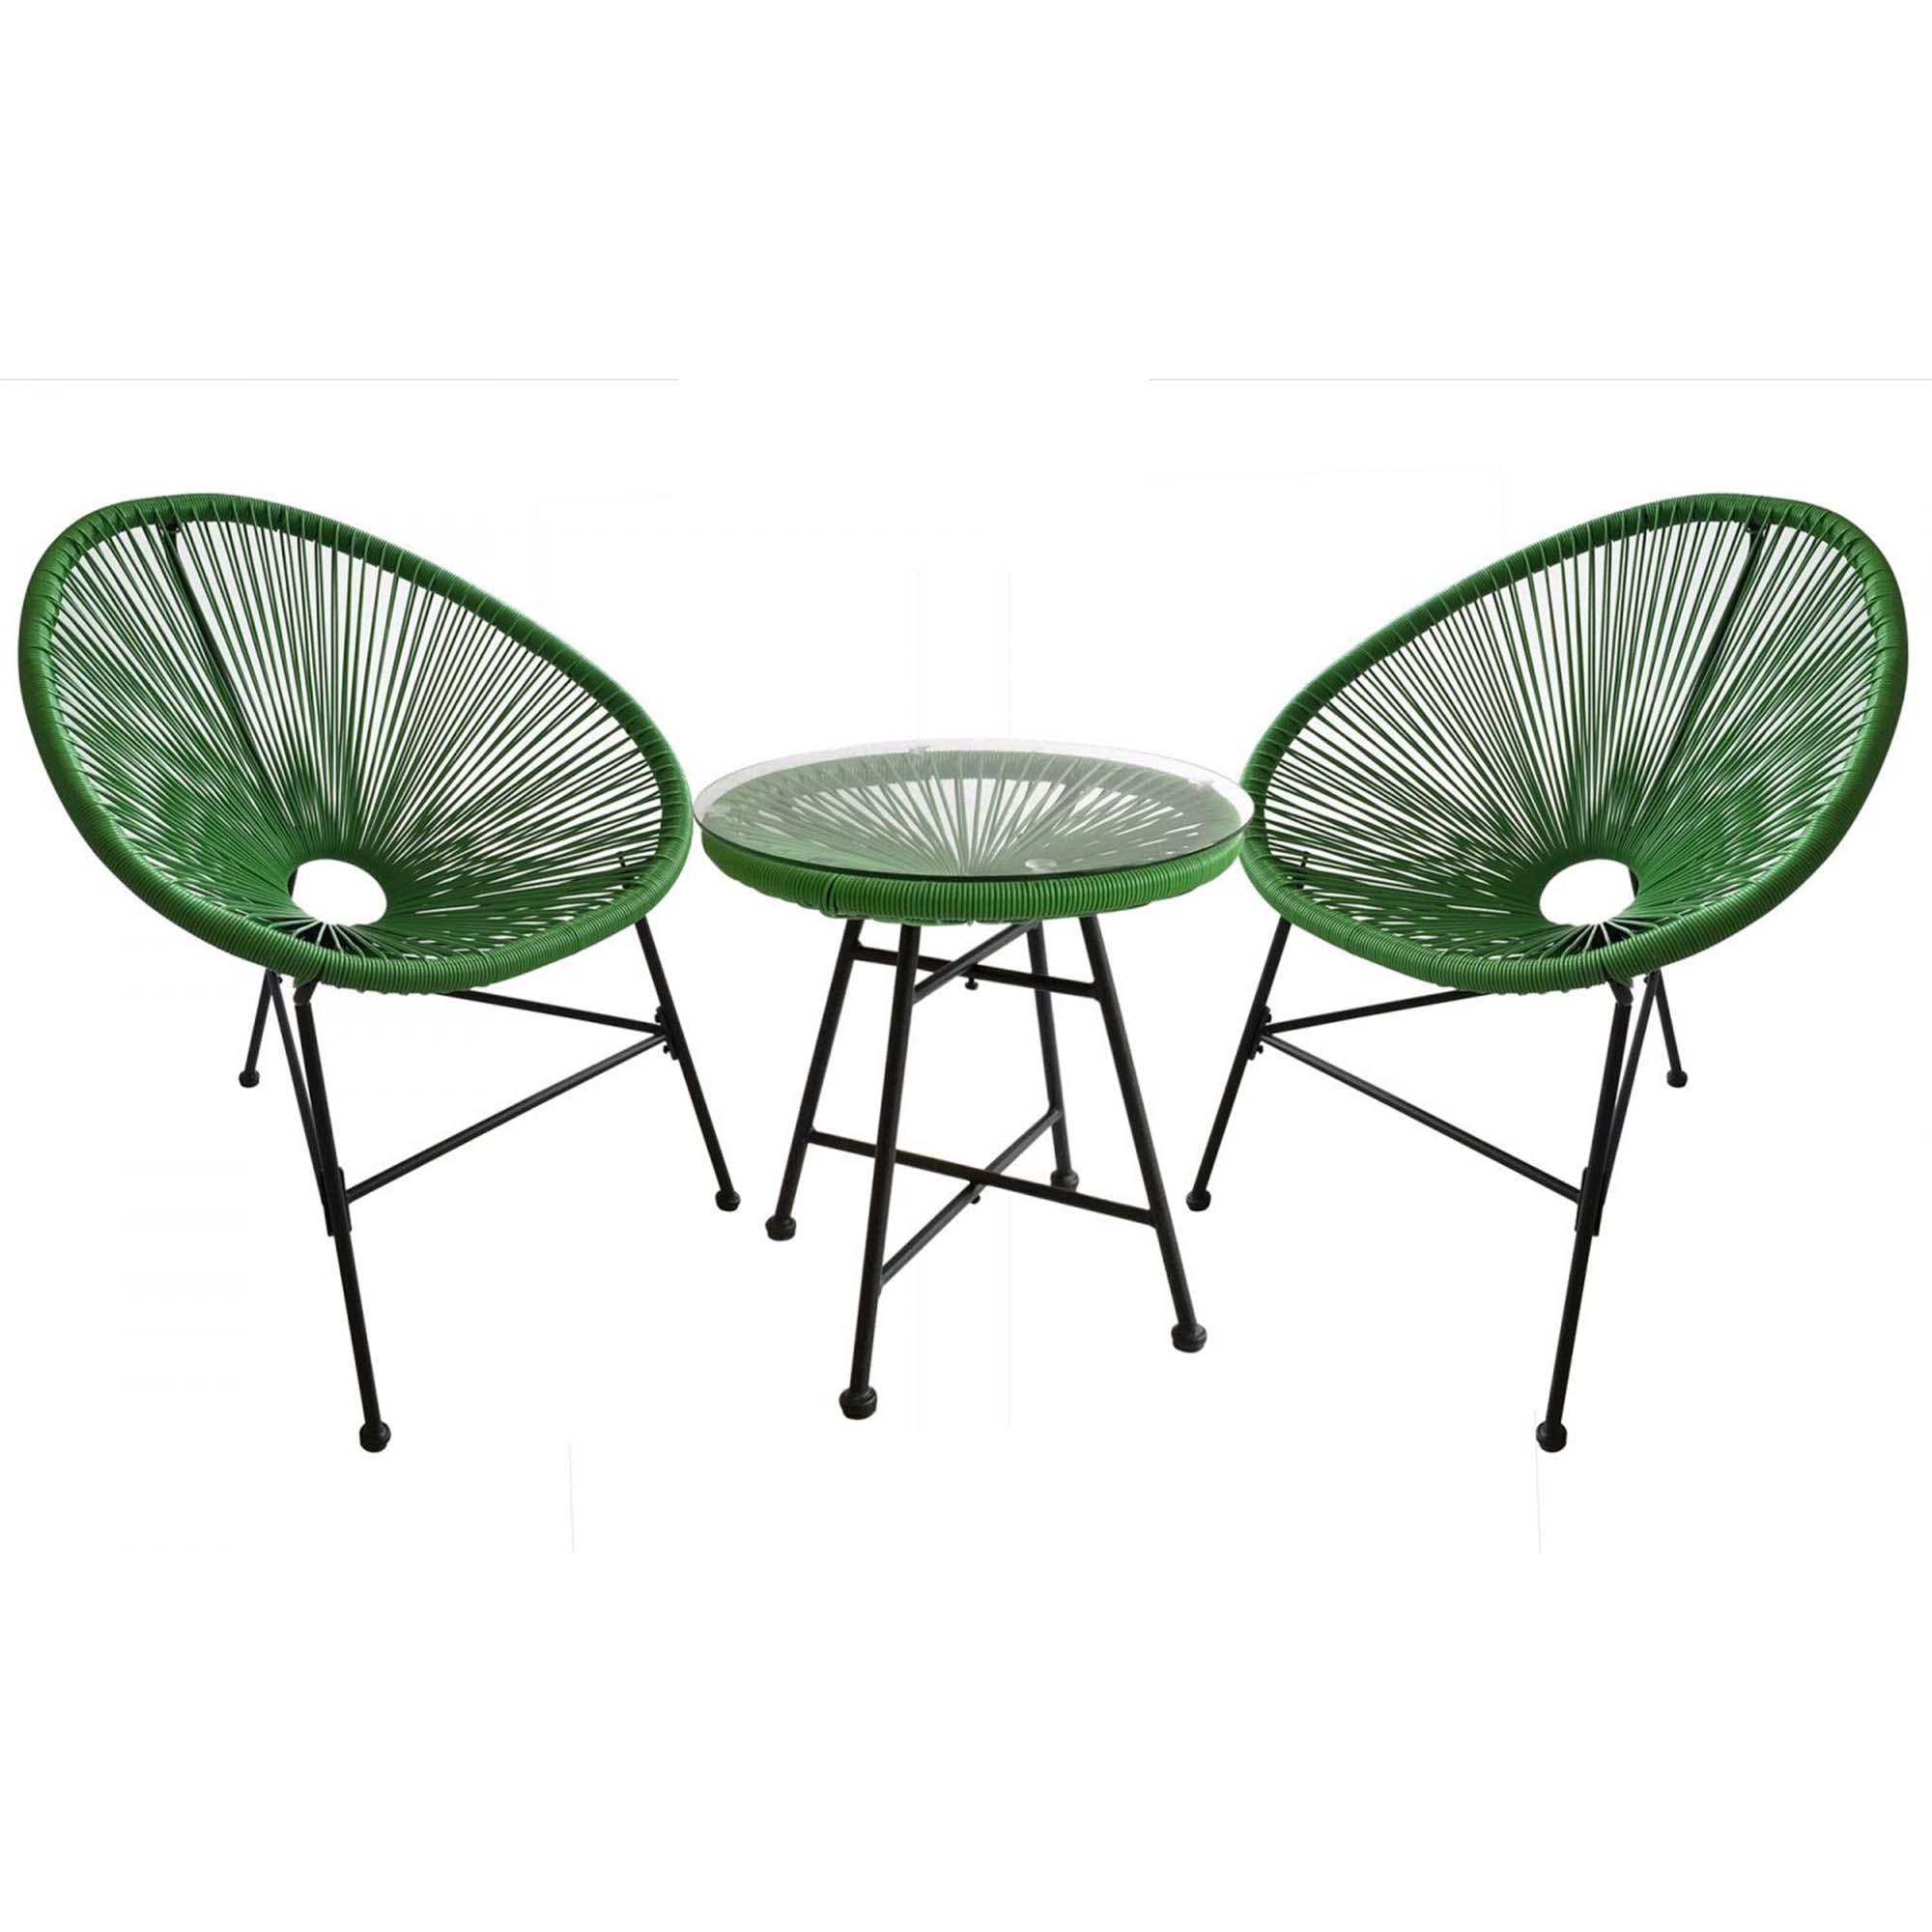 Salon de jardin 2 fauteuils ronds et table basse vert